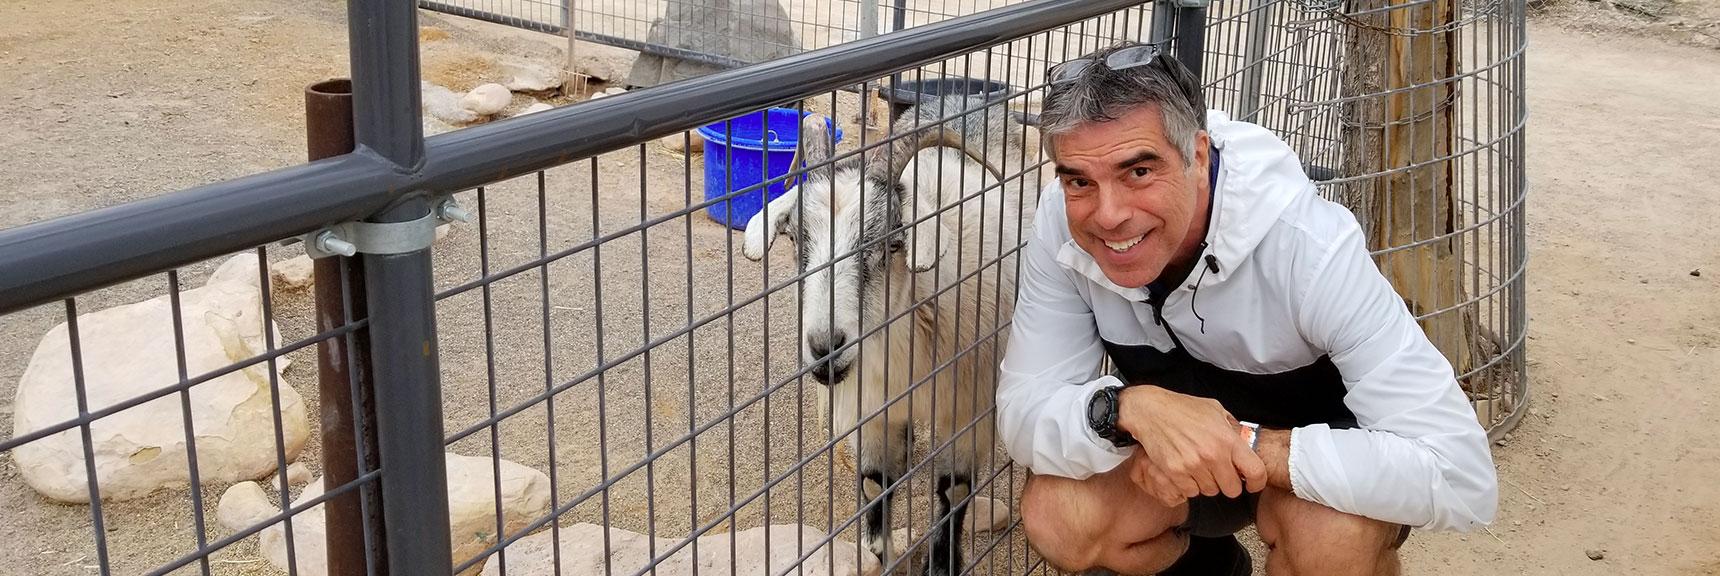 Zoo at Bonnie Springs Ranch, Nevada